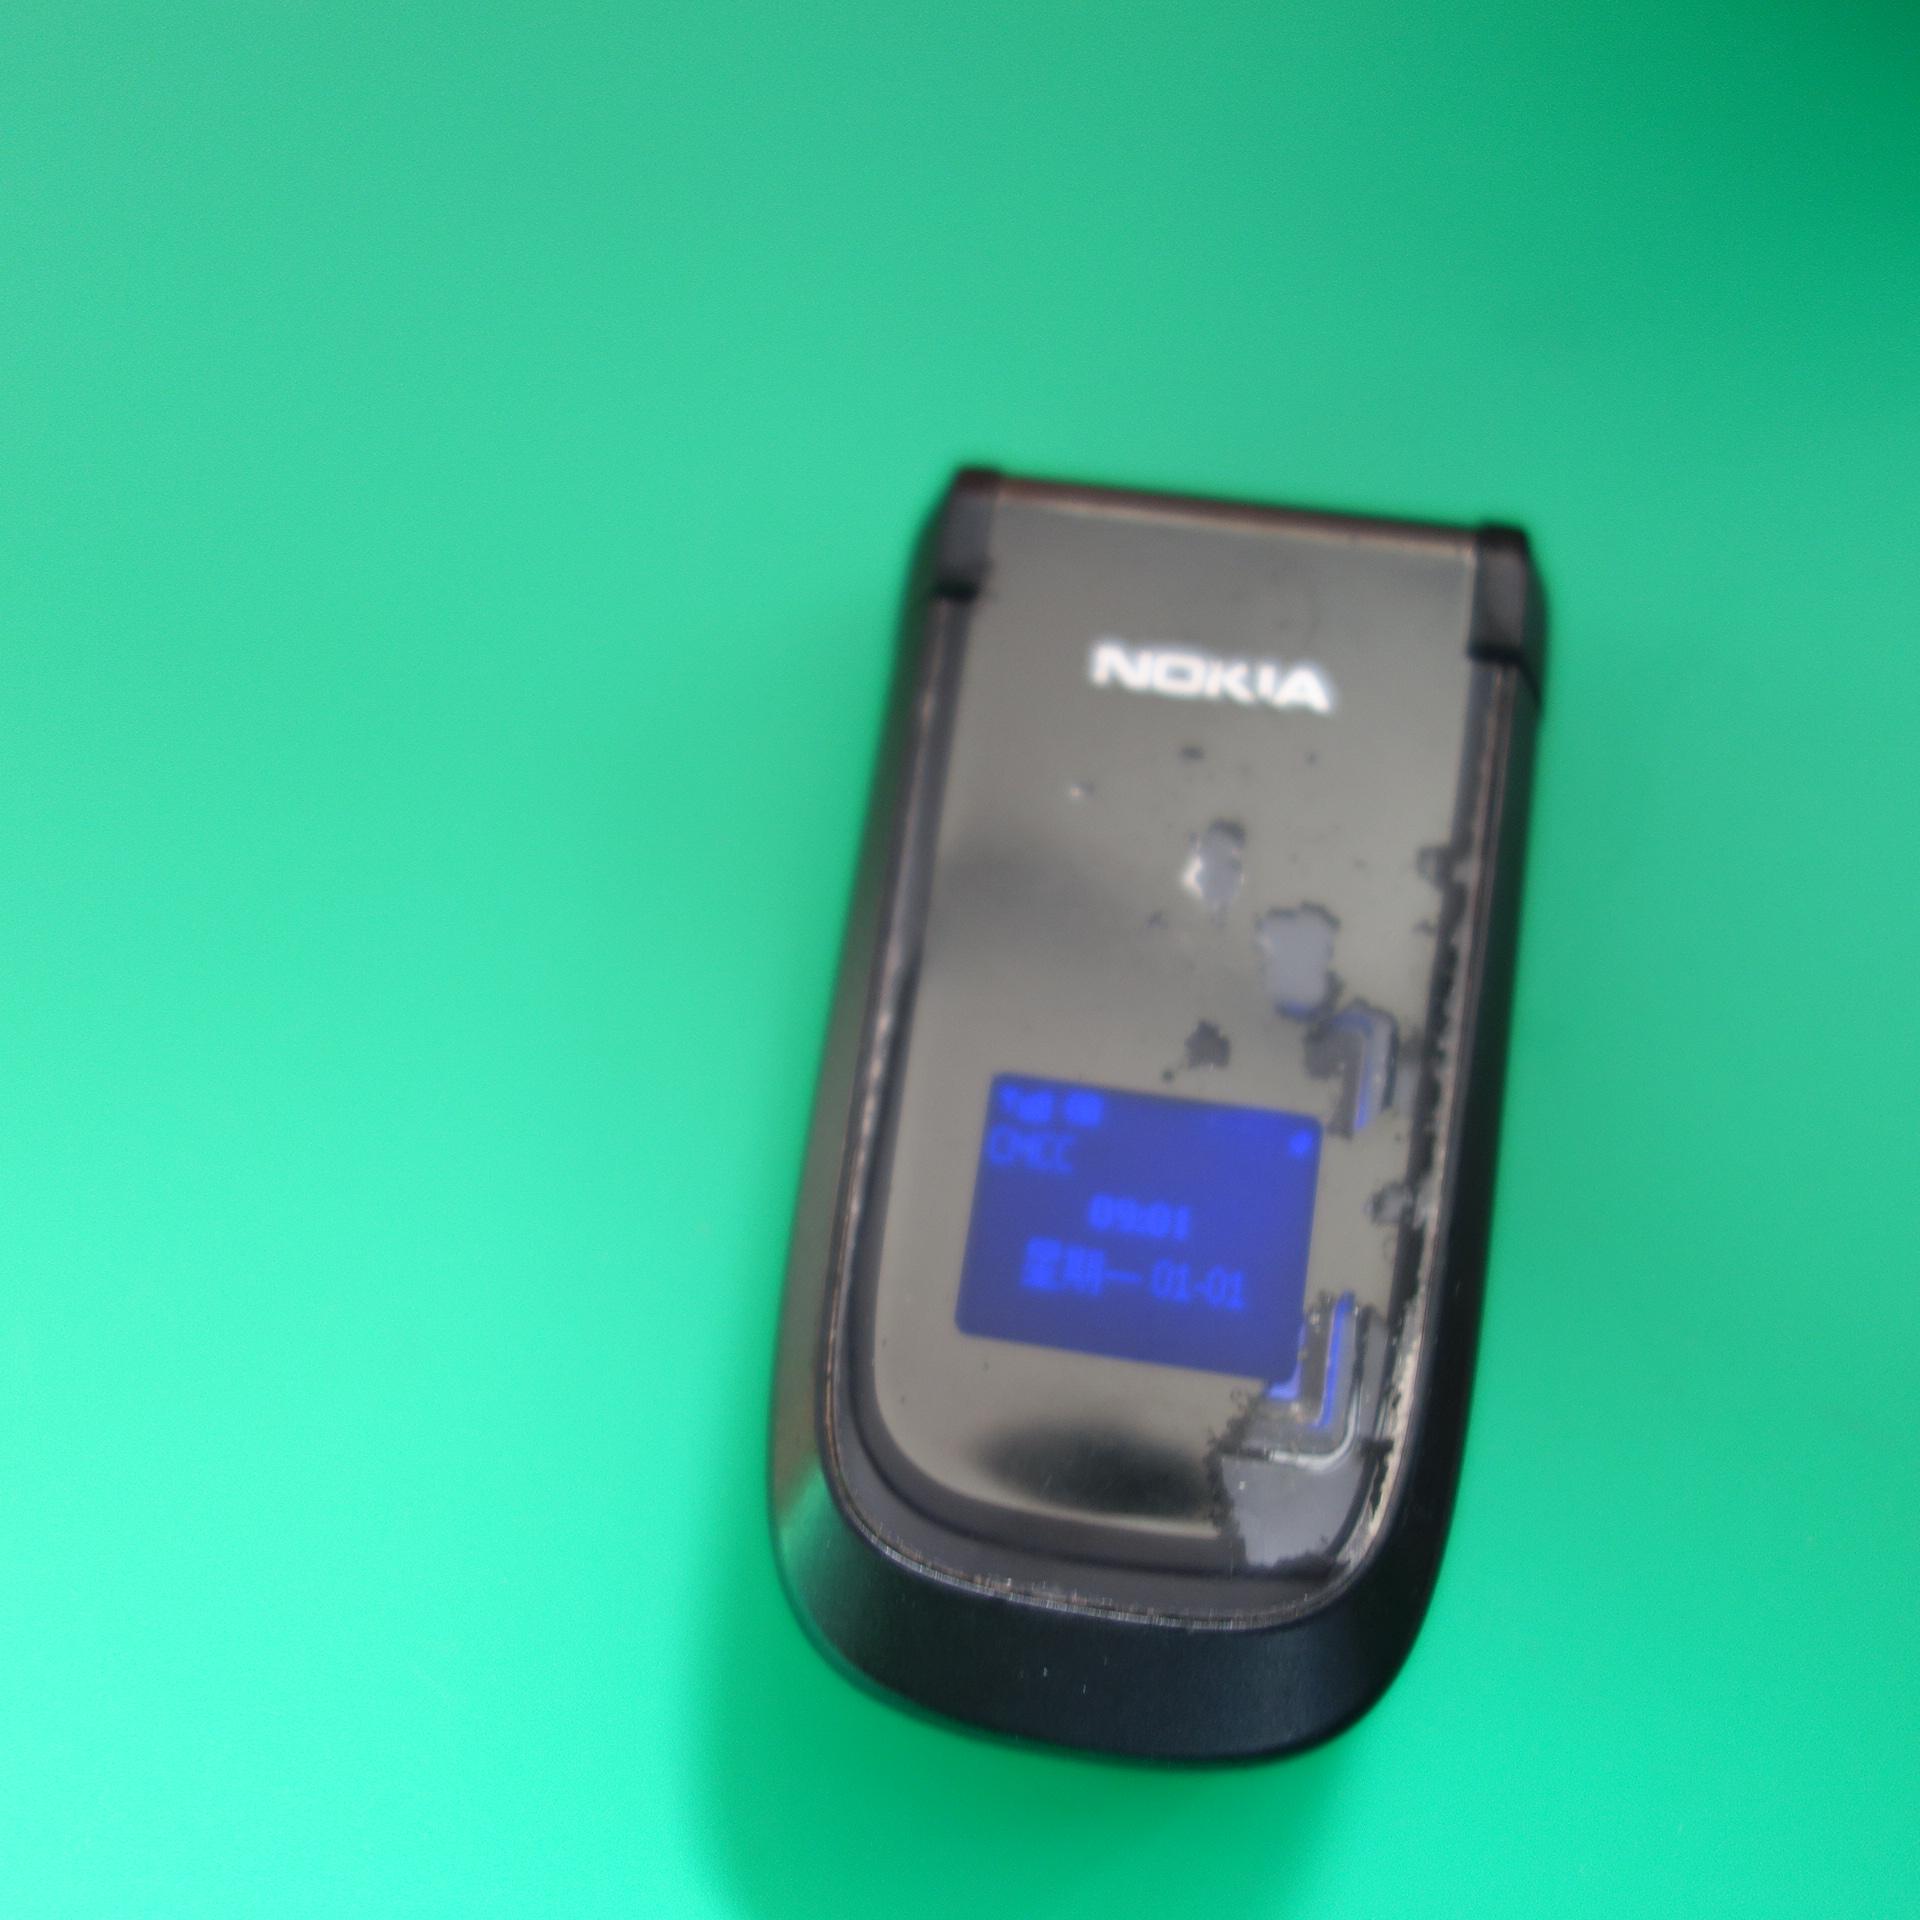 原装诺基亚2660手机二手诺基亚2660翻盖彩屏诺基亚备用机老年机